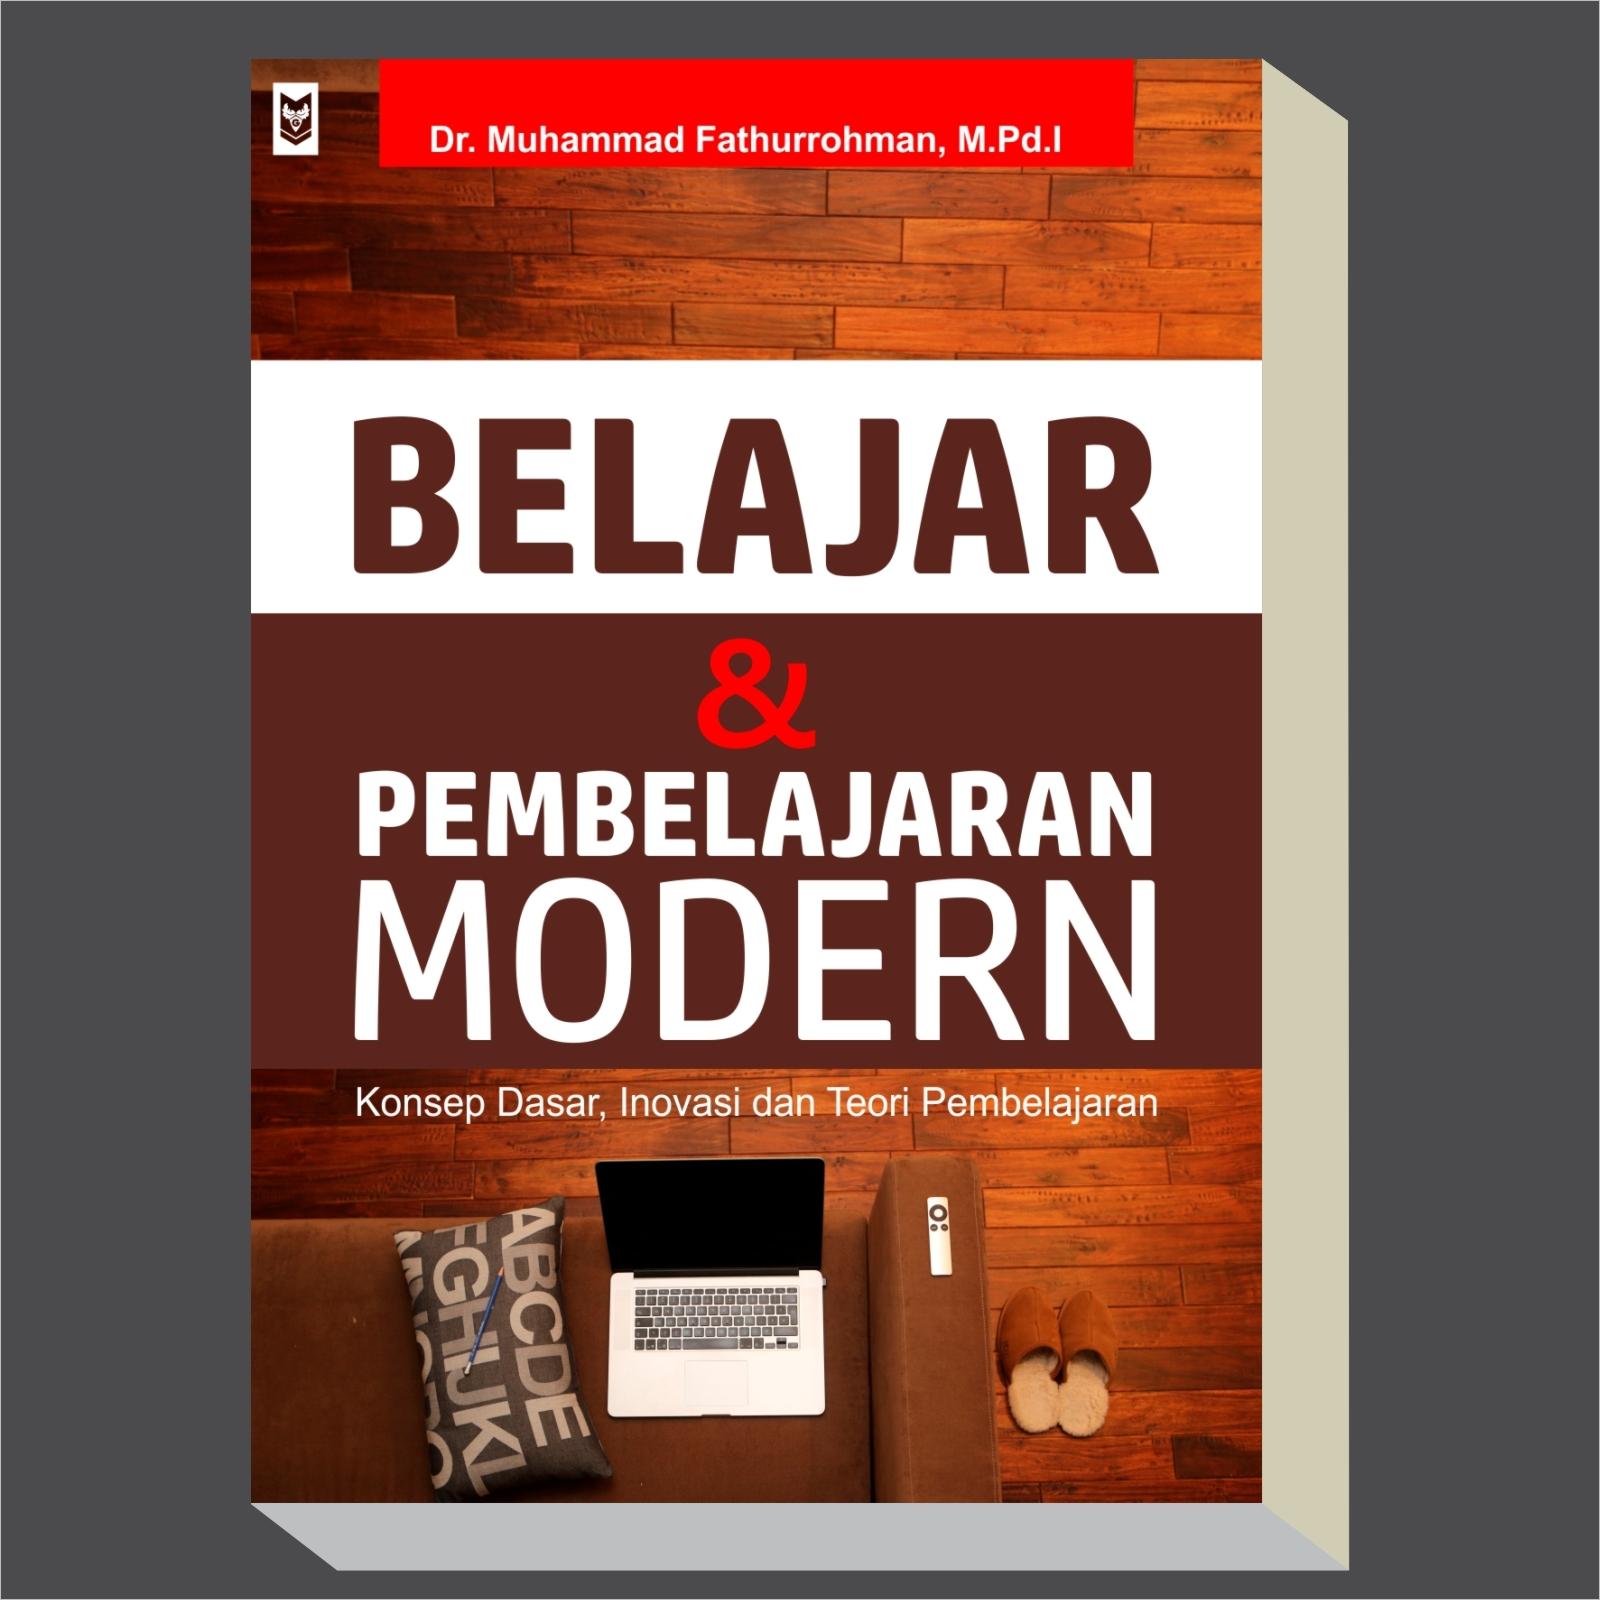 Belajar dan Pembelajaran Modern - Blanja.com